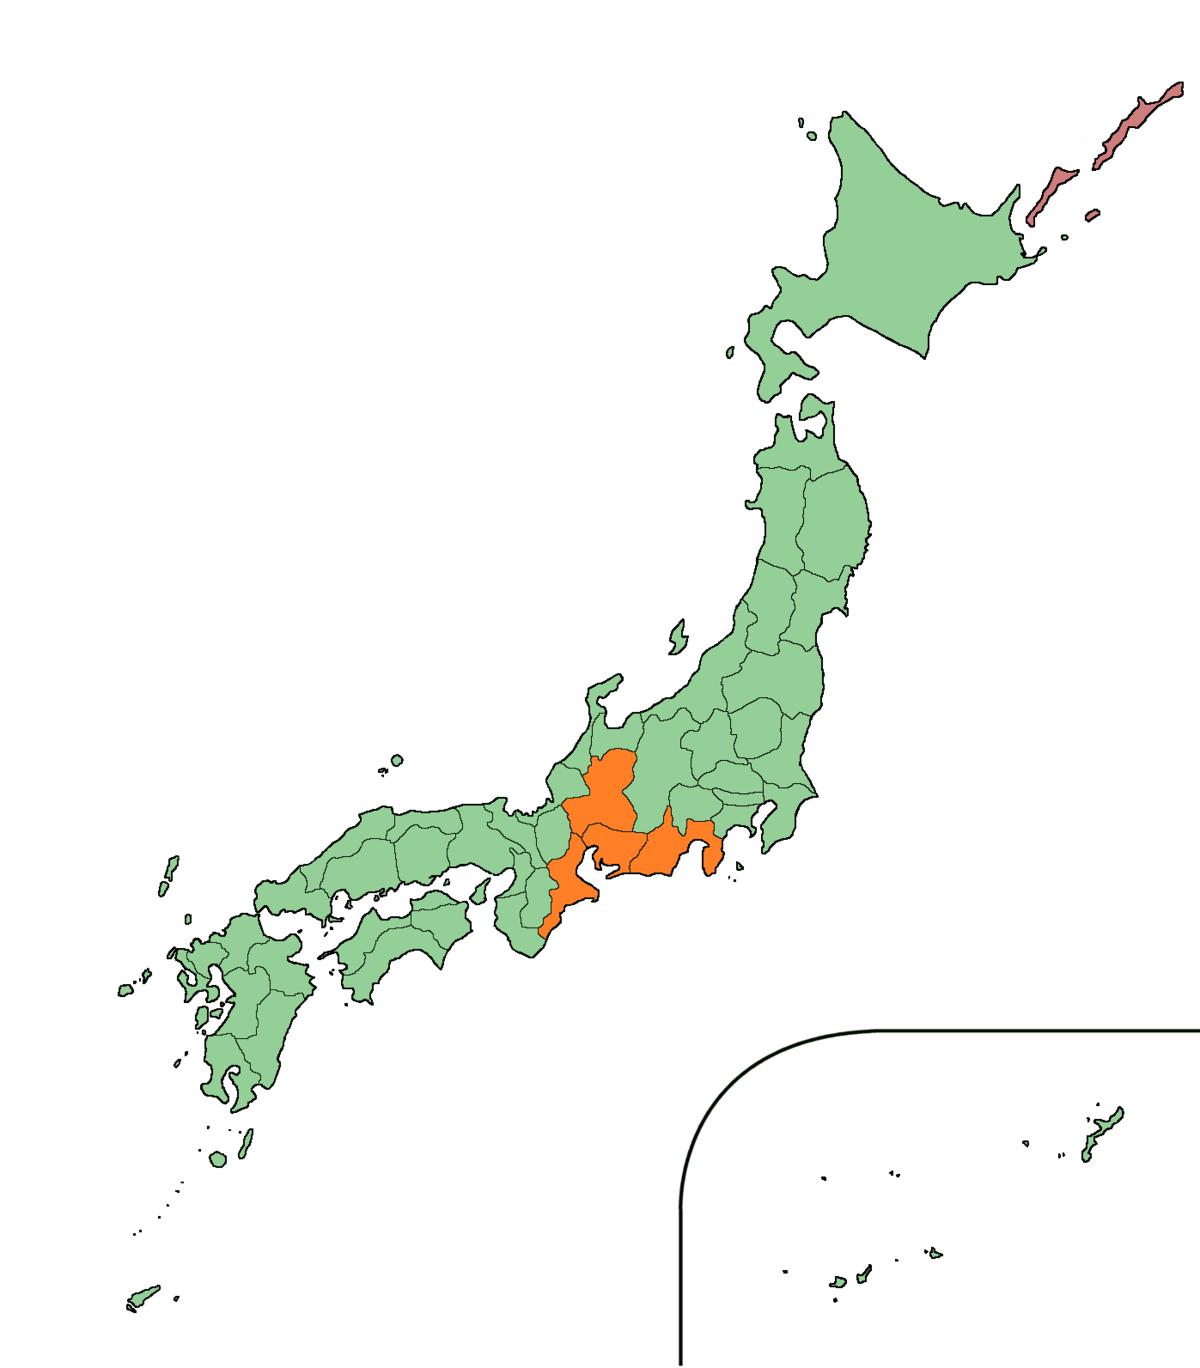 東海地方 - Wikipedia